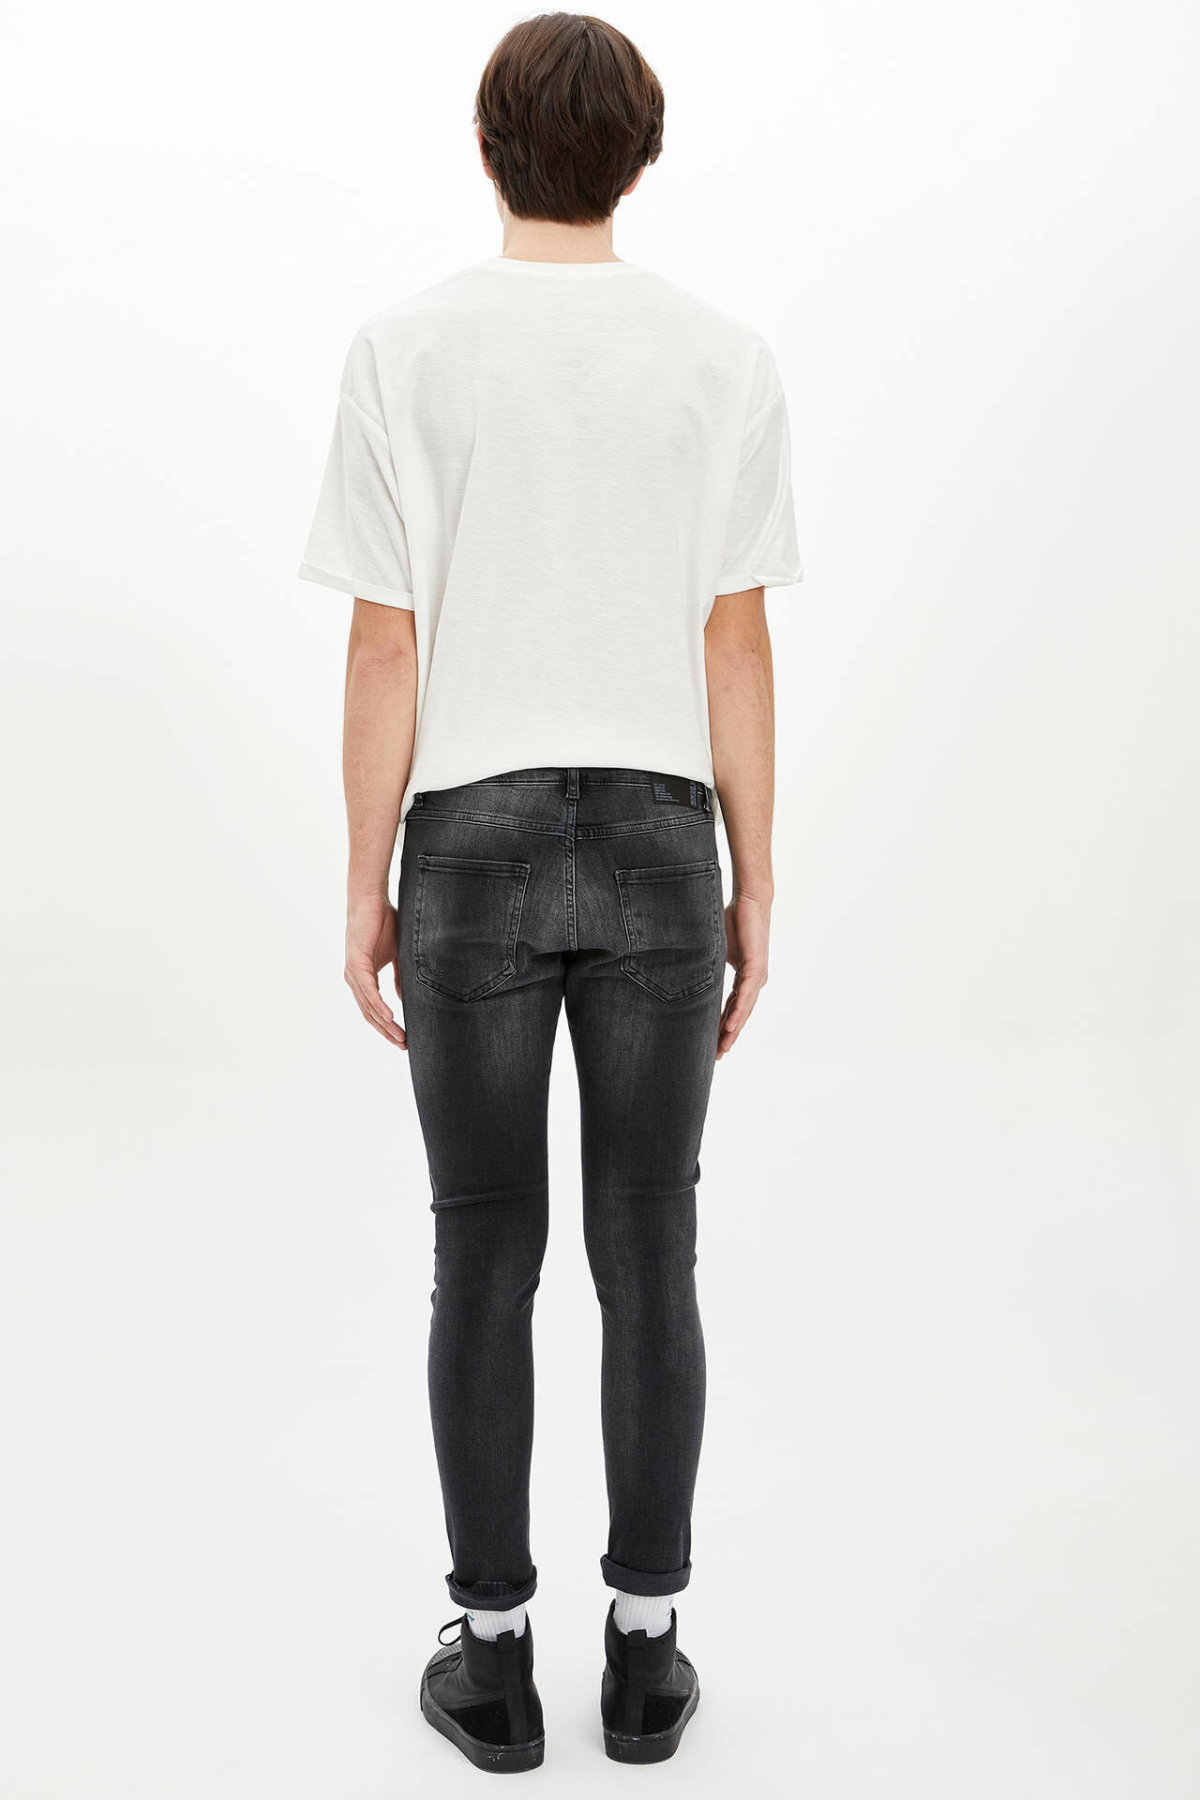 DeFacto męska wiosna na co dzień dżinsy męskie czarne spodnie Slim Denim spodnie męskie sprane dżinsy Trousers-N5013AZ20SP